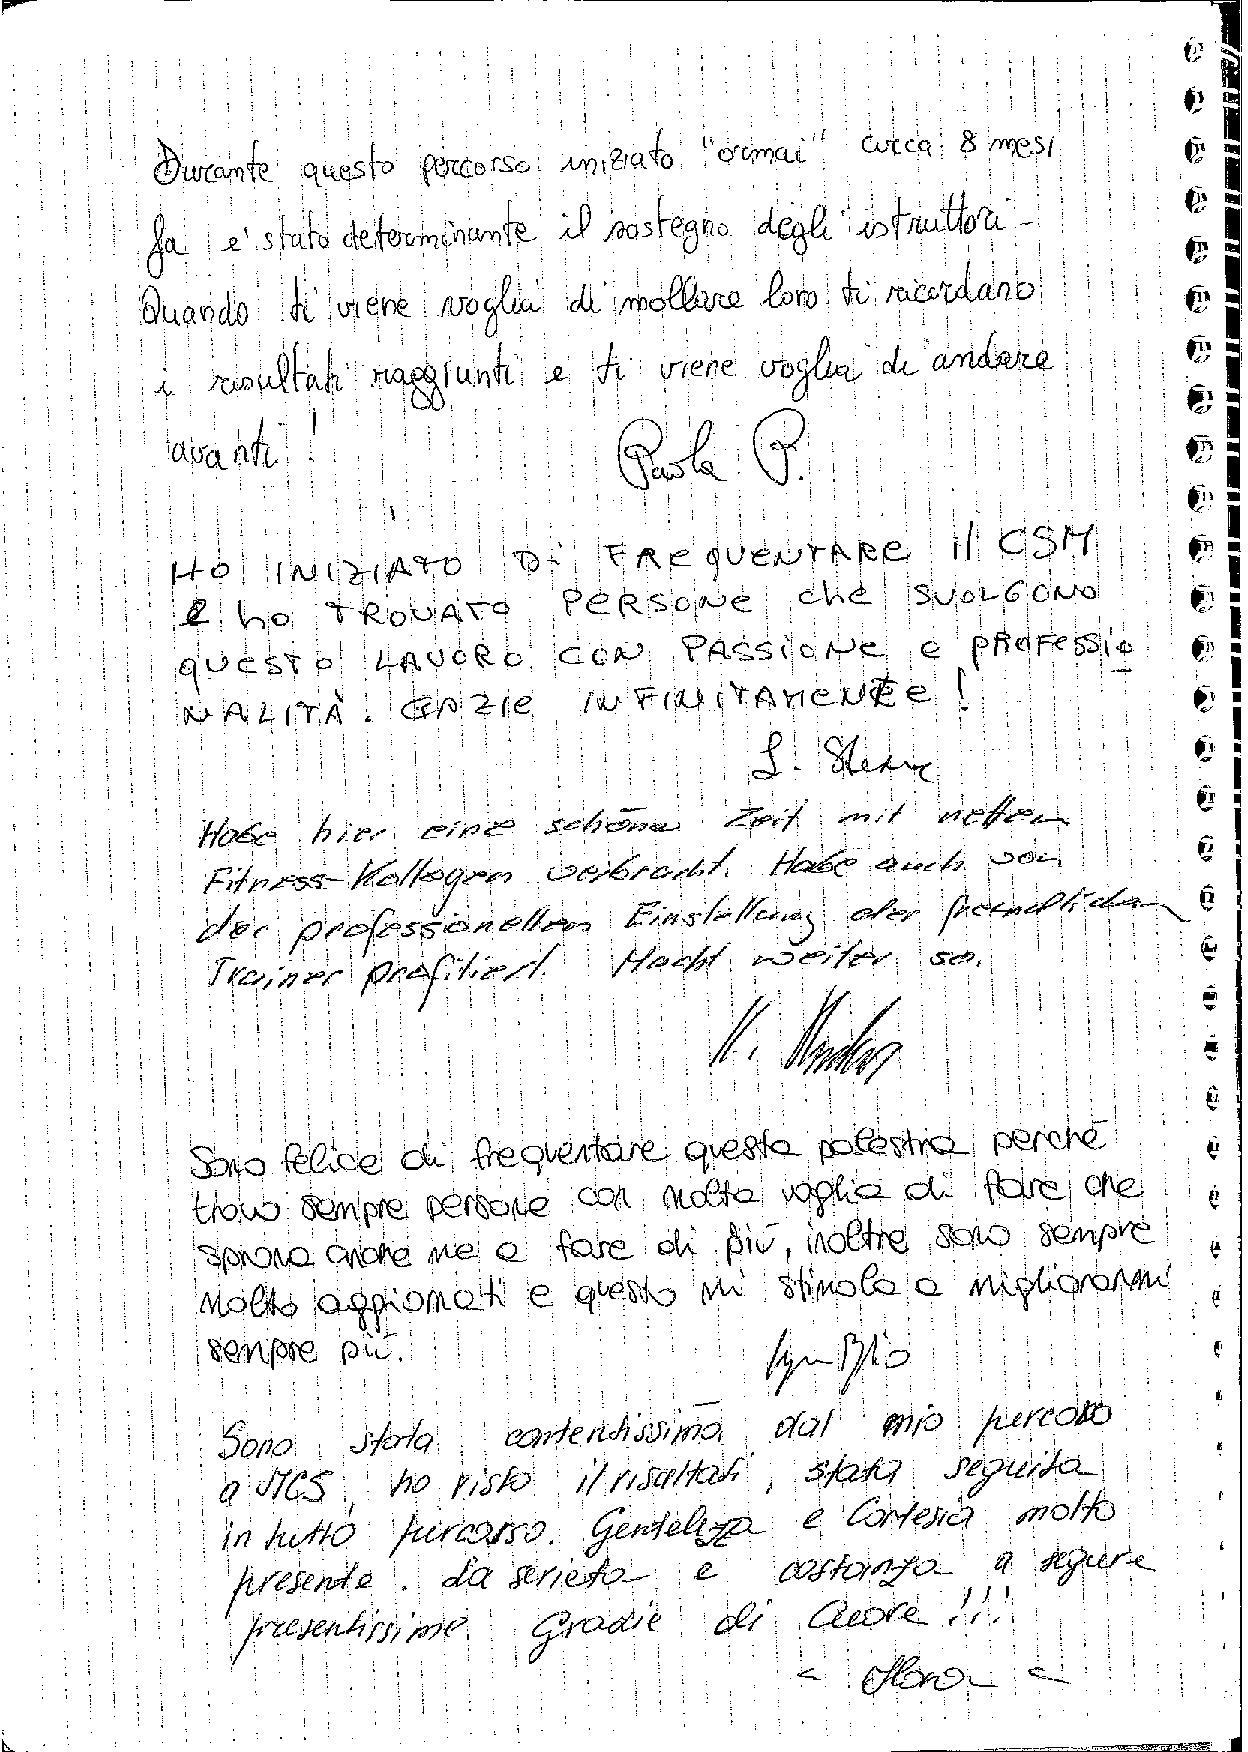 testimonianza-14